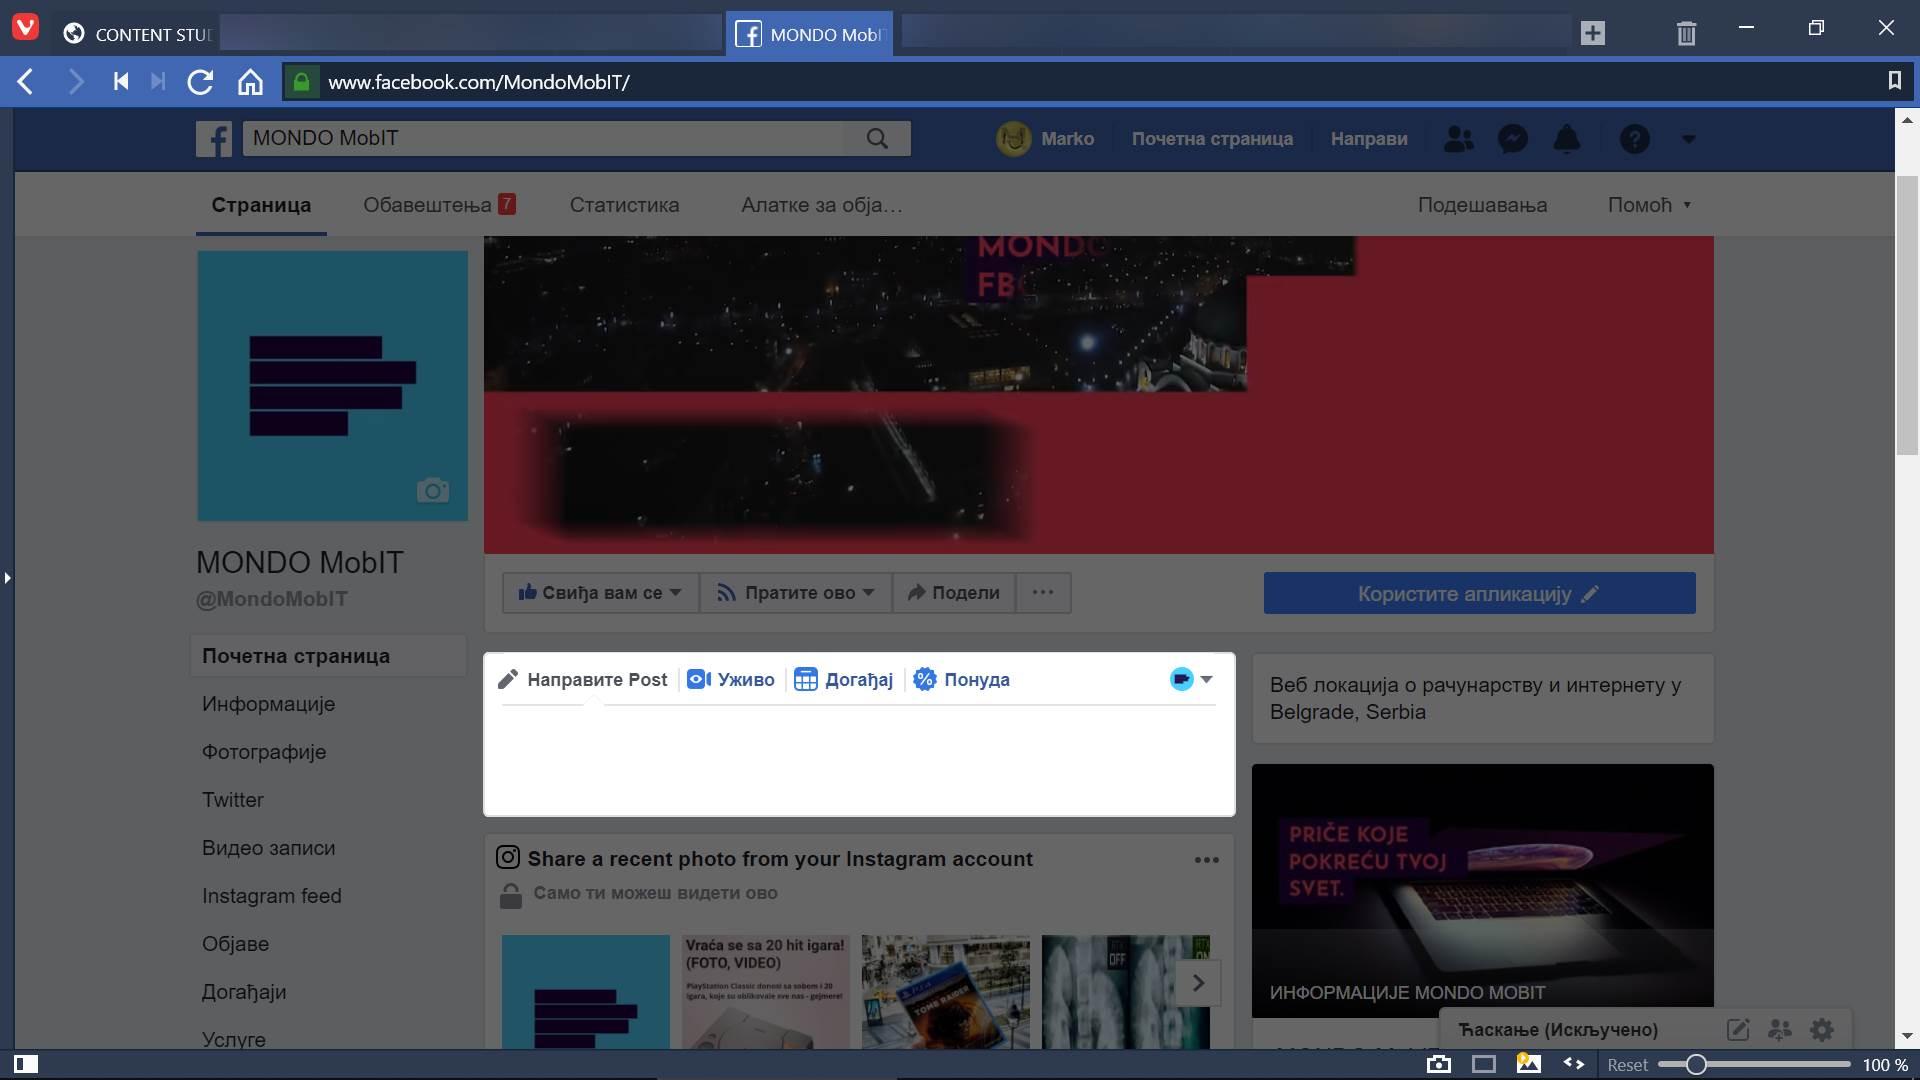 Facebook kolaps! (FOTO)